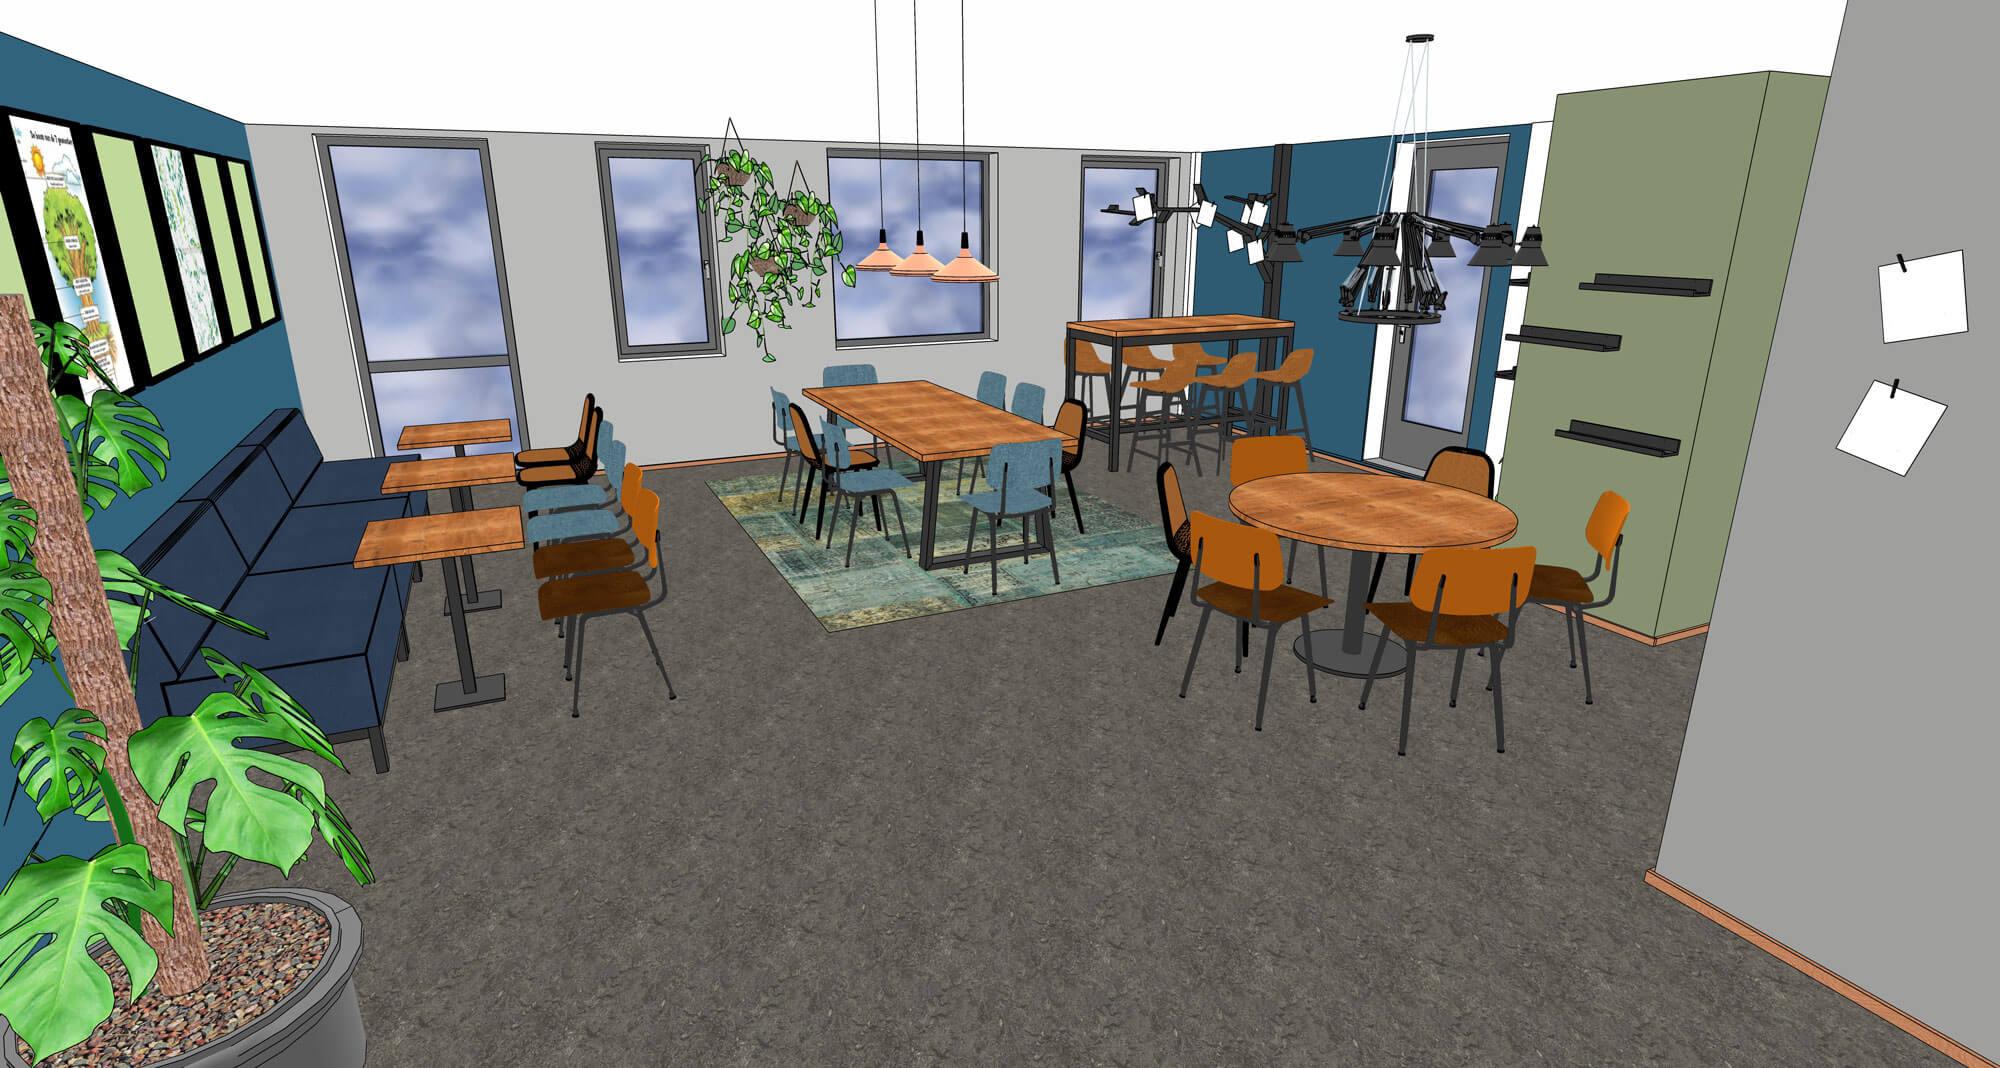 personeelskamer-inrichten-de-leukste-inrichters-tekening-ontwerp-de-windwijzer